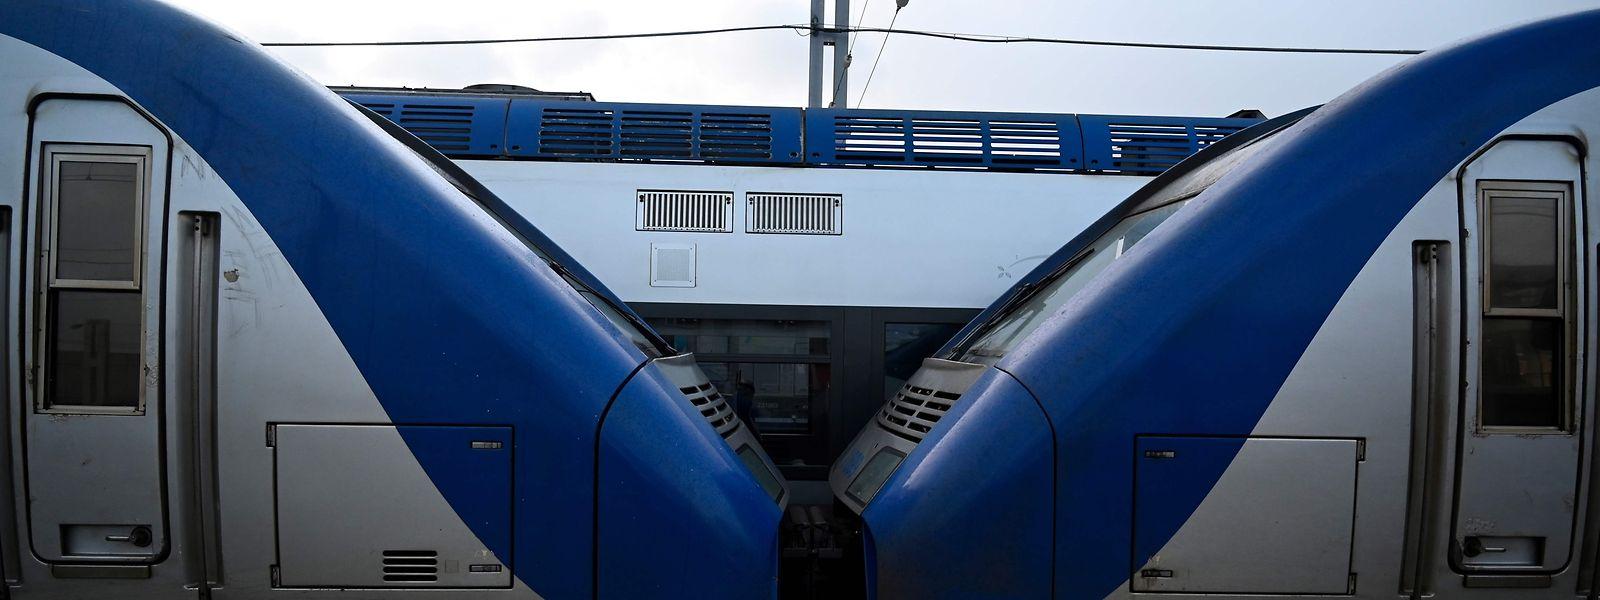 La grève à la SNCF pourrait se poursuivre jusqu'à vendredi selon certains syndicats.